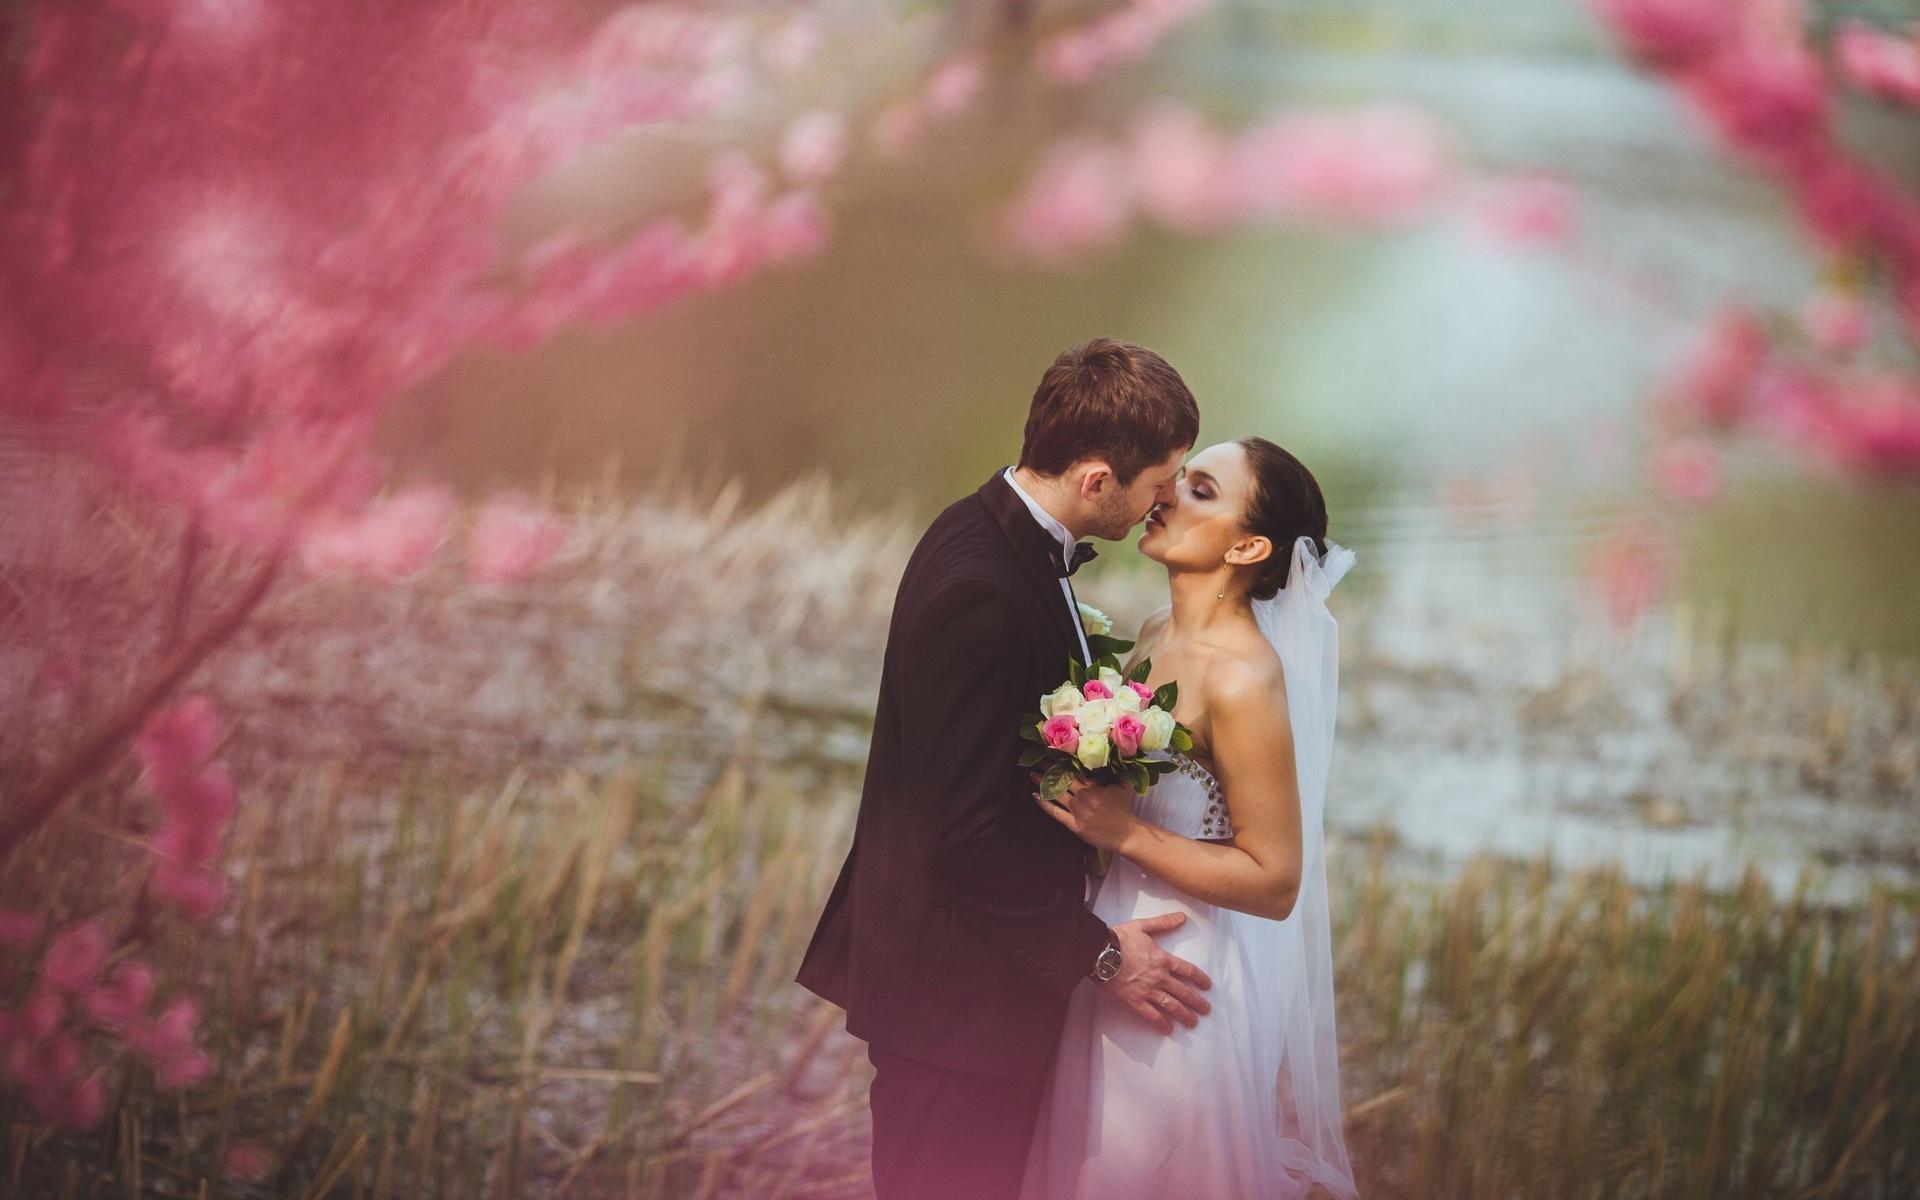 HDoboi.Kiev.ua - Муж и жена целуются на свадьбе, обои поднять настроение